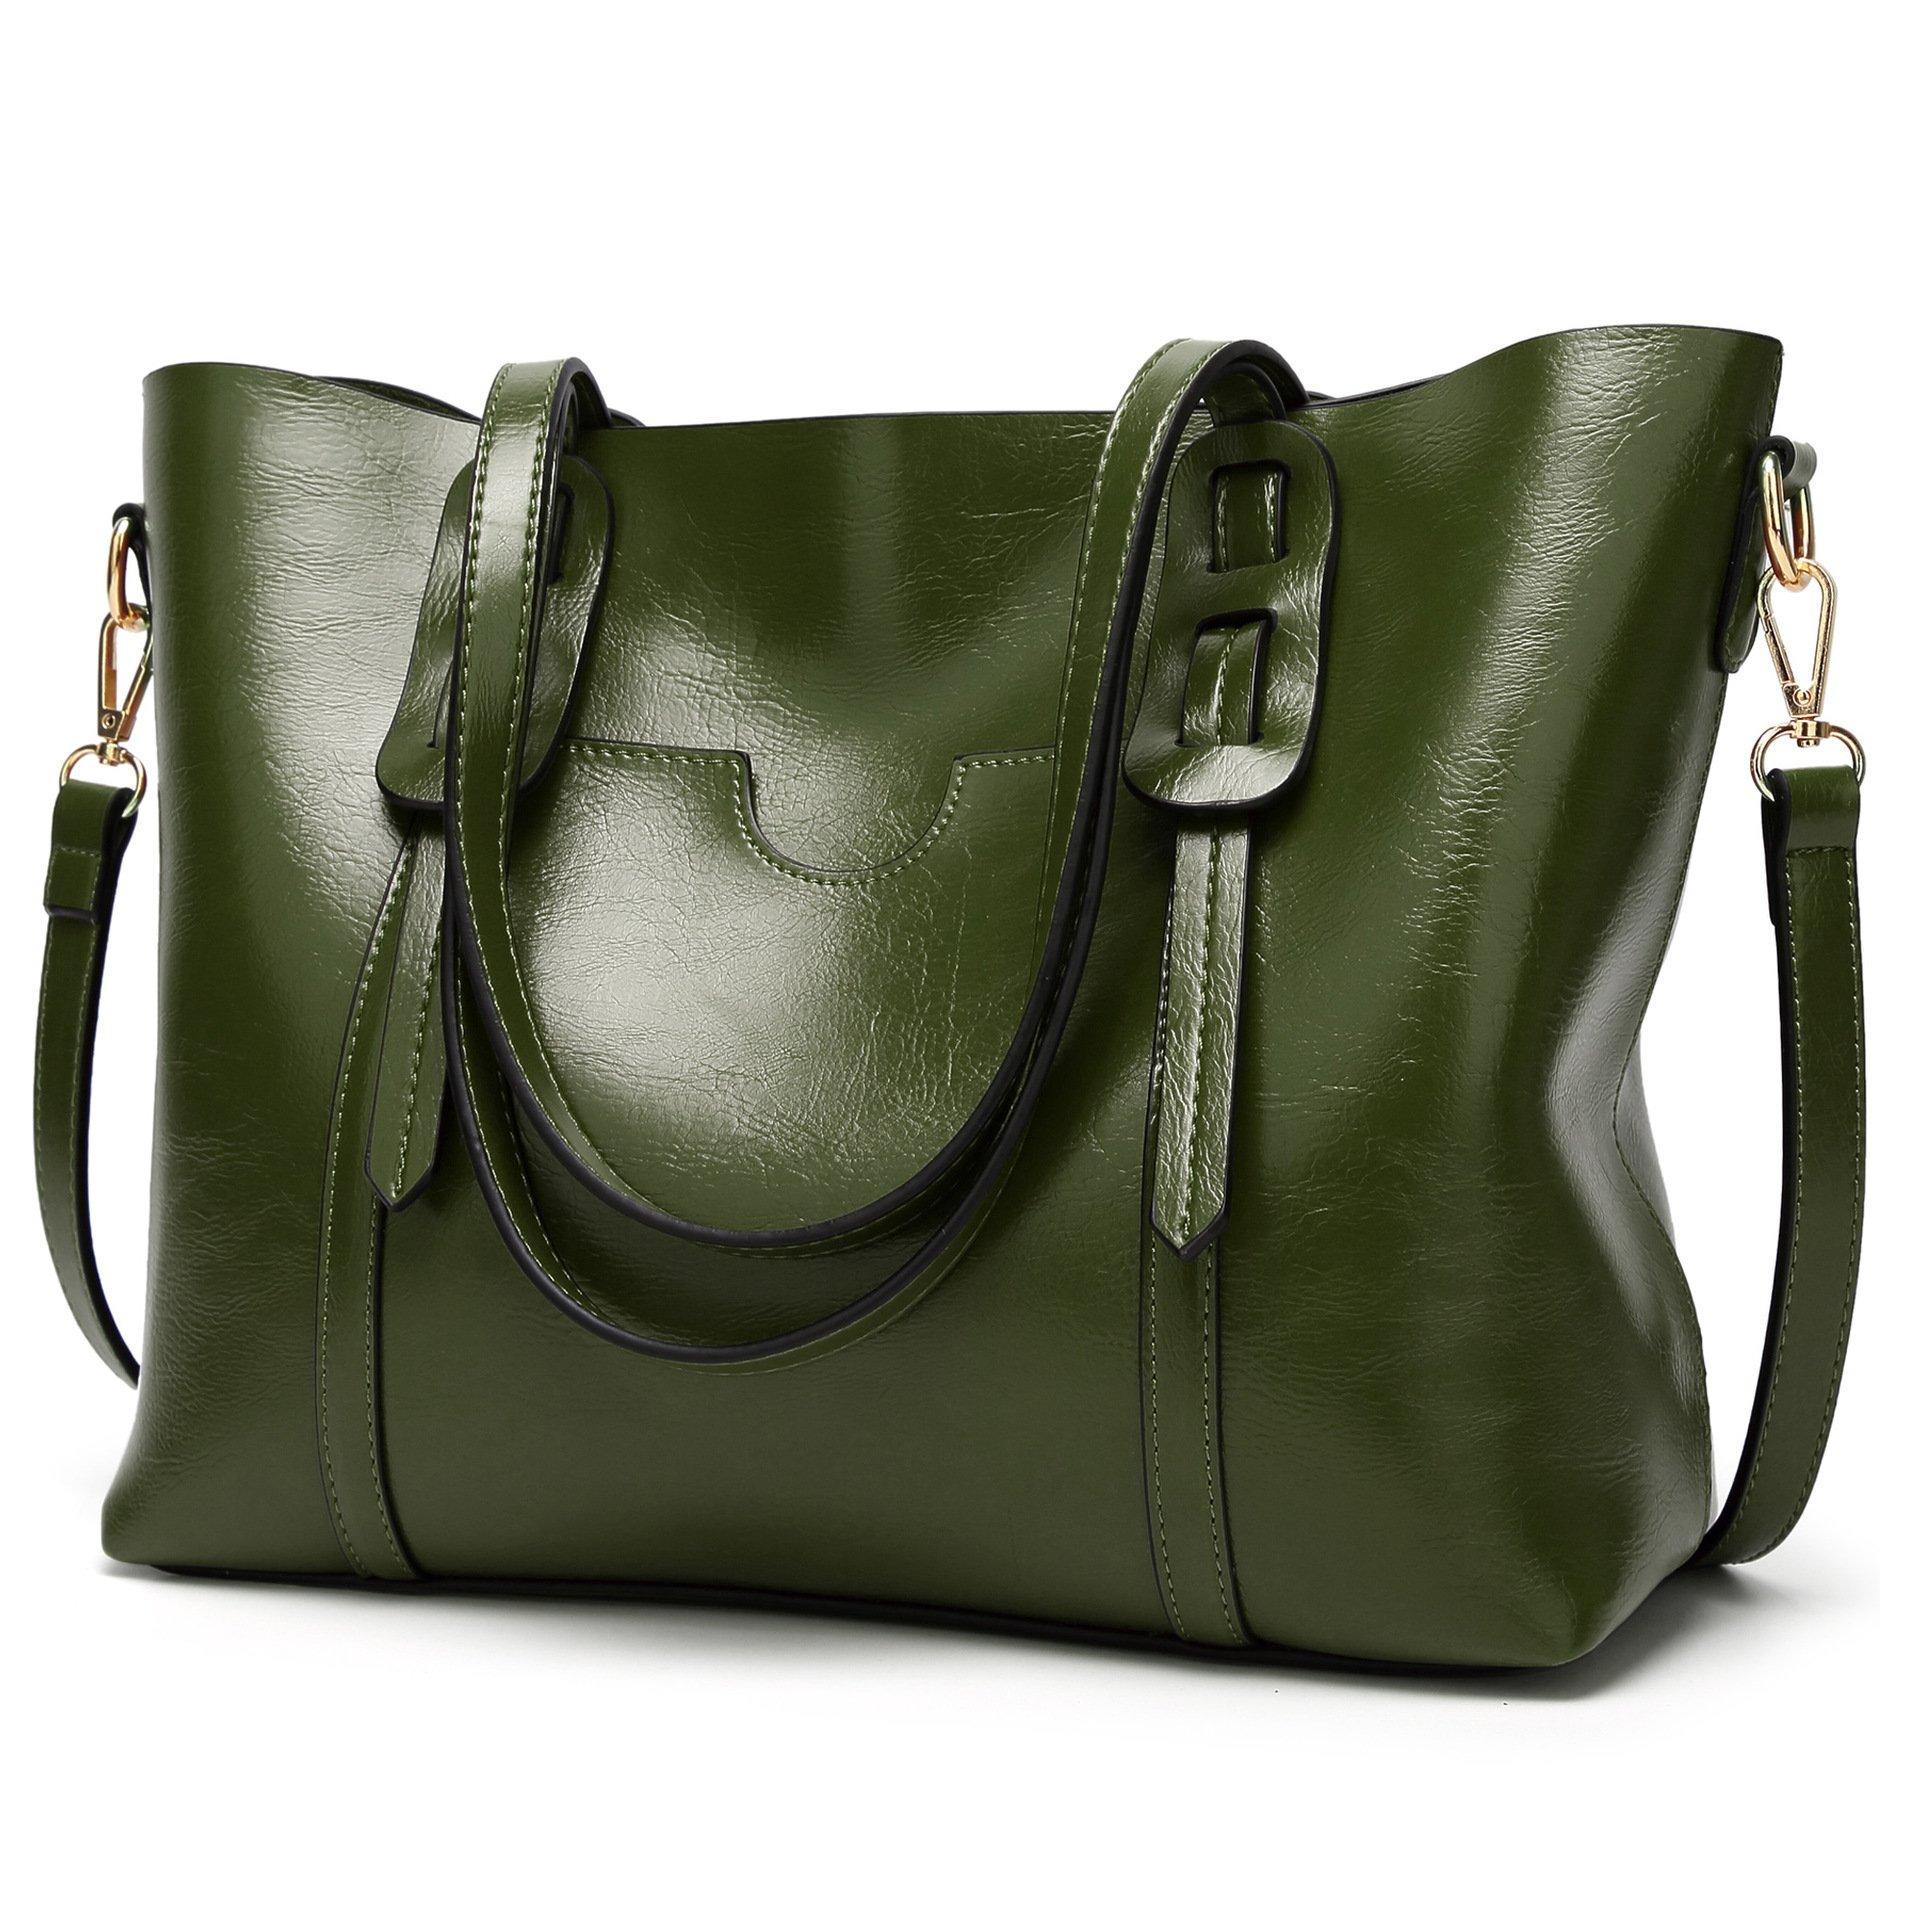 LoZoDo Women Top Handle Satchel Handbags Shoulder Bag Tote Purse (Green 2)